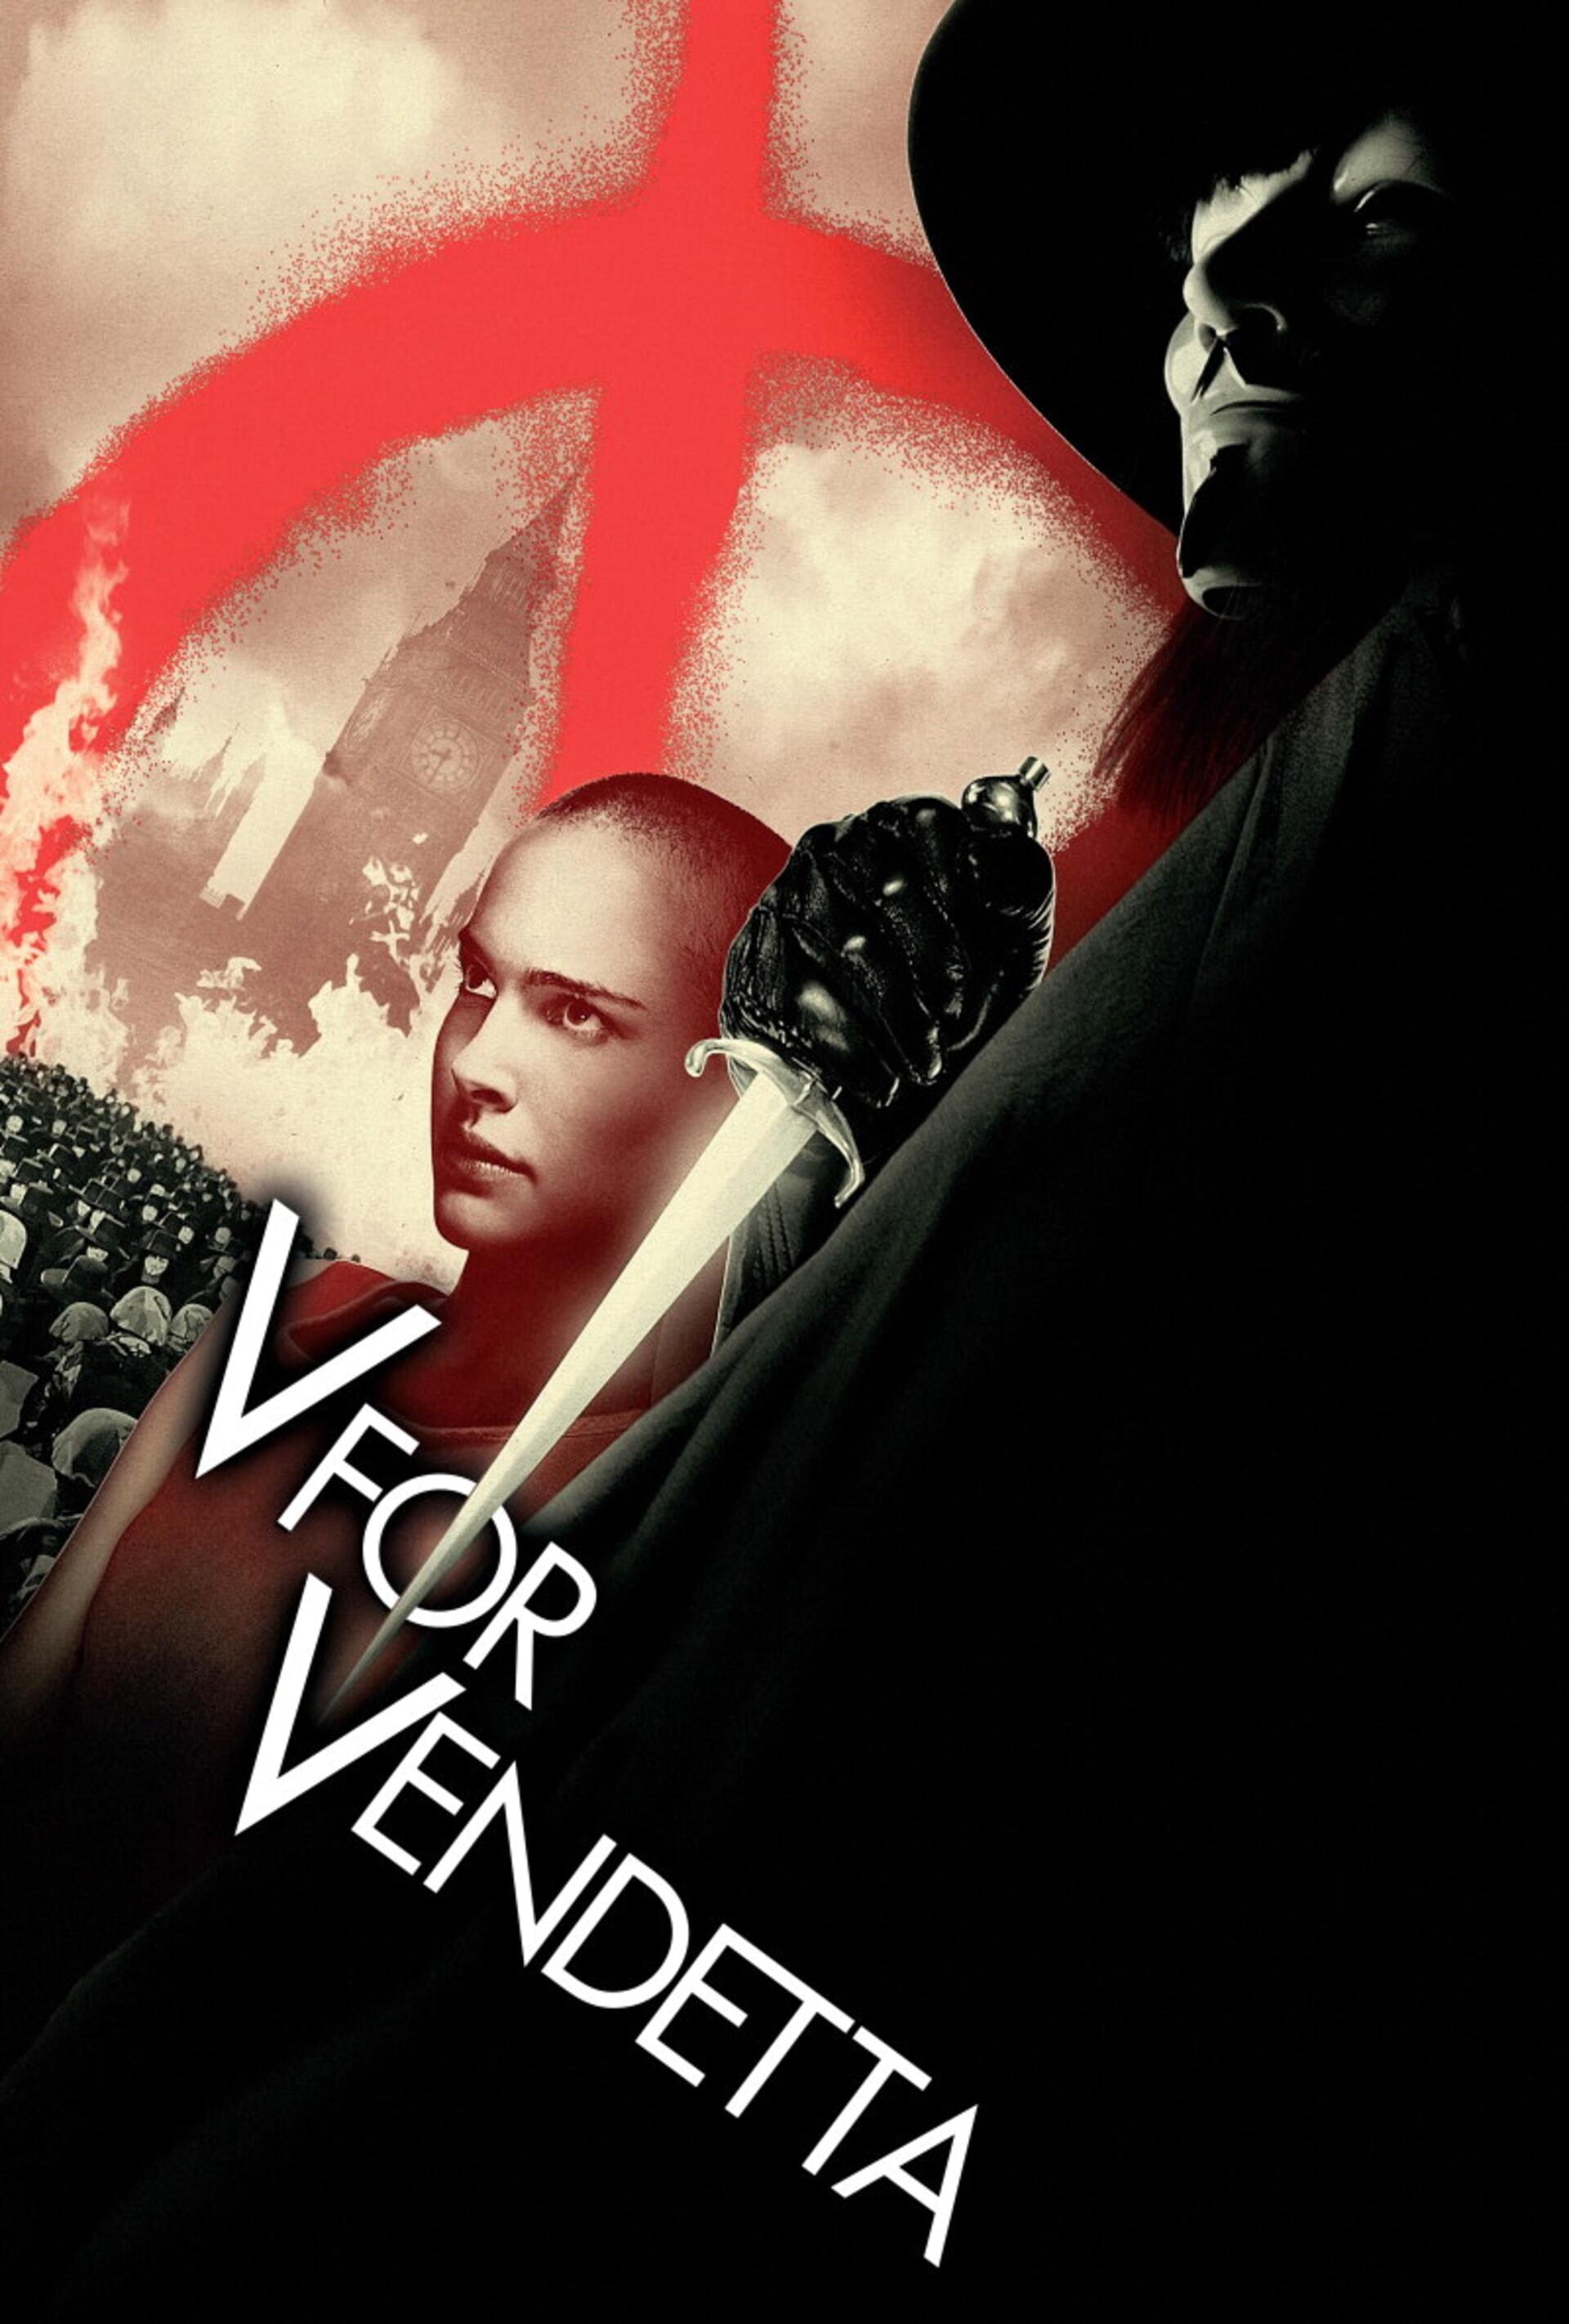 V for Vendetta - Poster 1